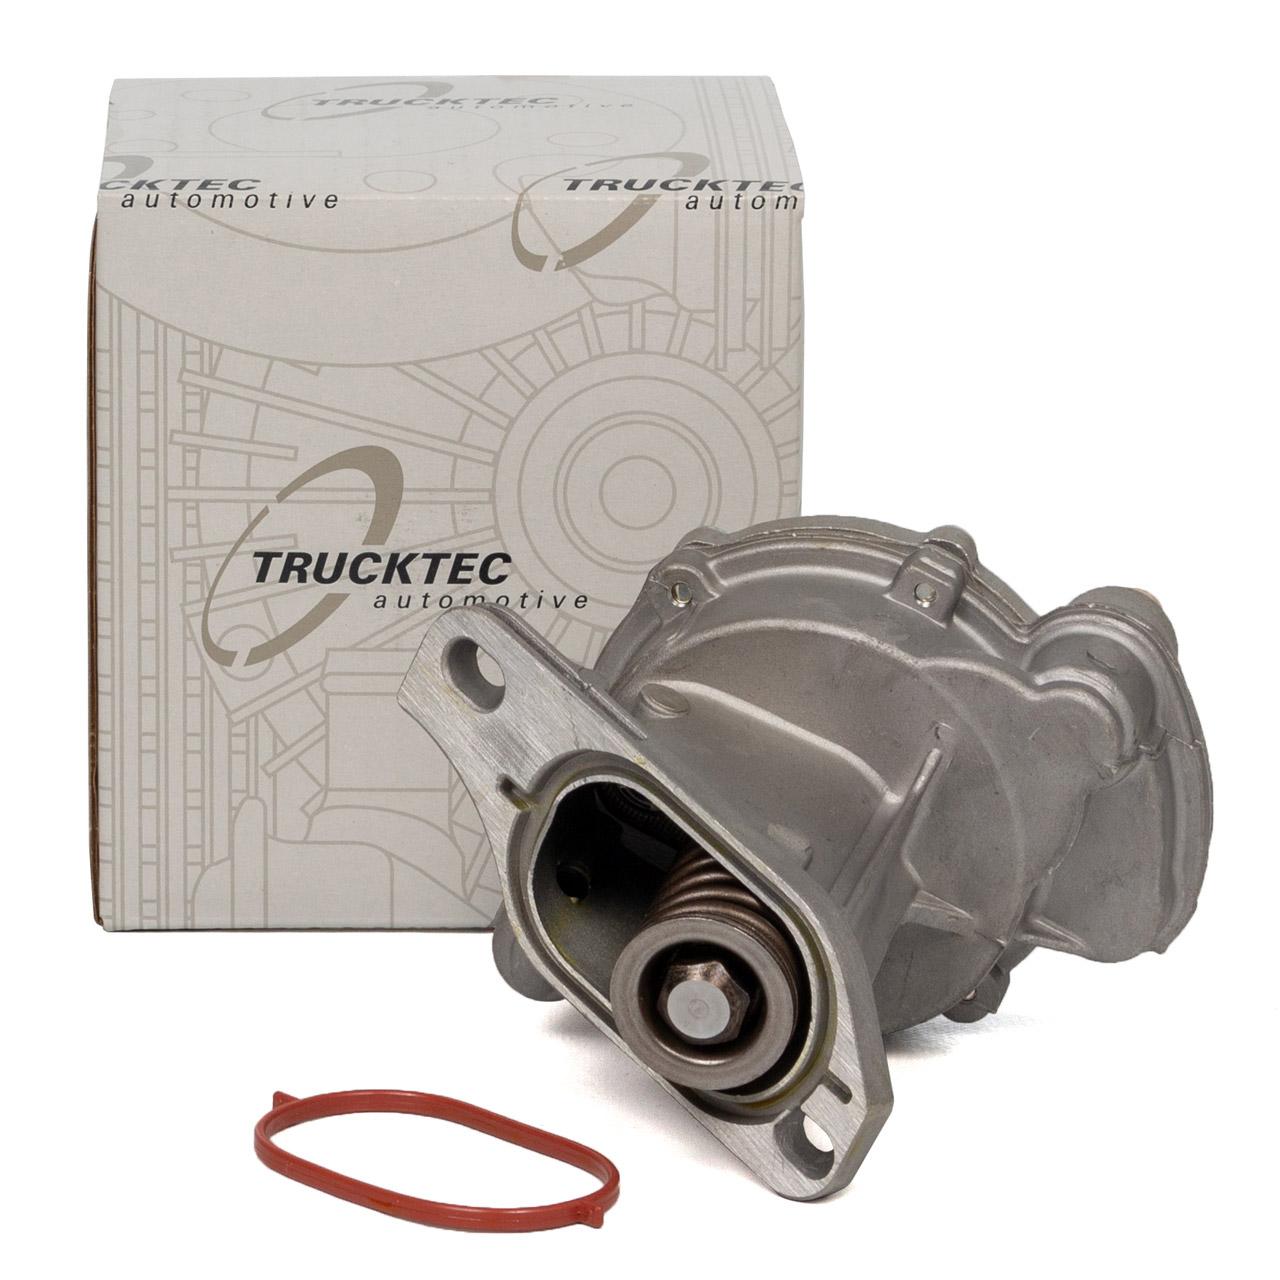 TRUCKTEC Unterdruckpumpe Bremsanlage VW T4 CRAFTER 30-50 LT 2.4/2.5 TDI/D/TD 076145100